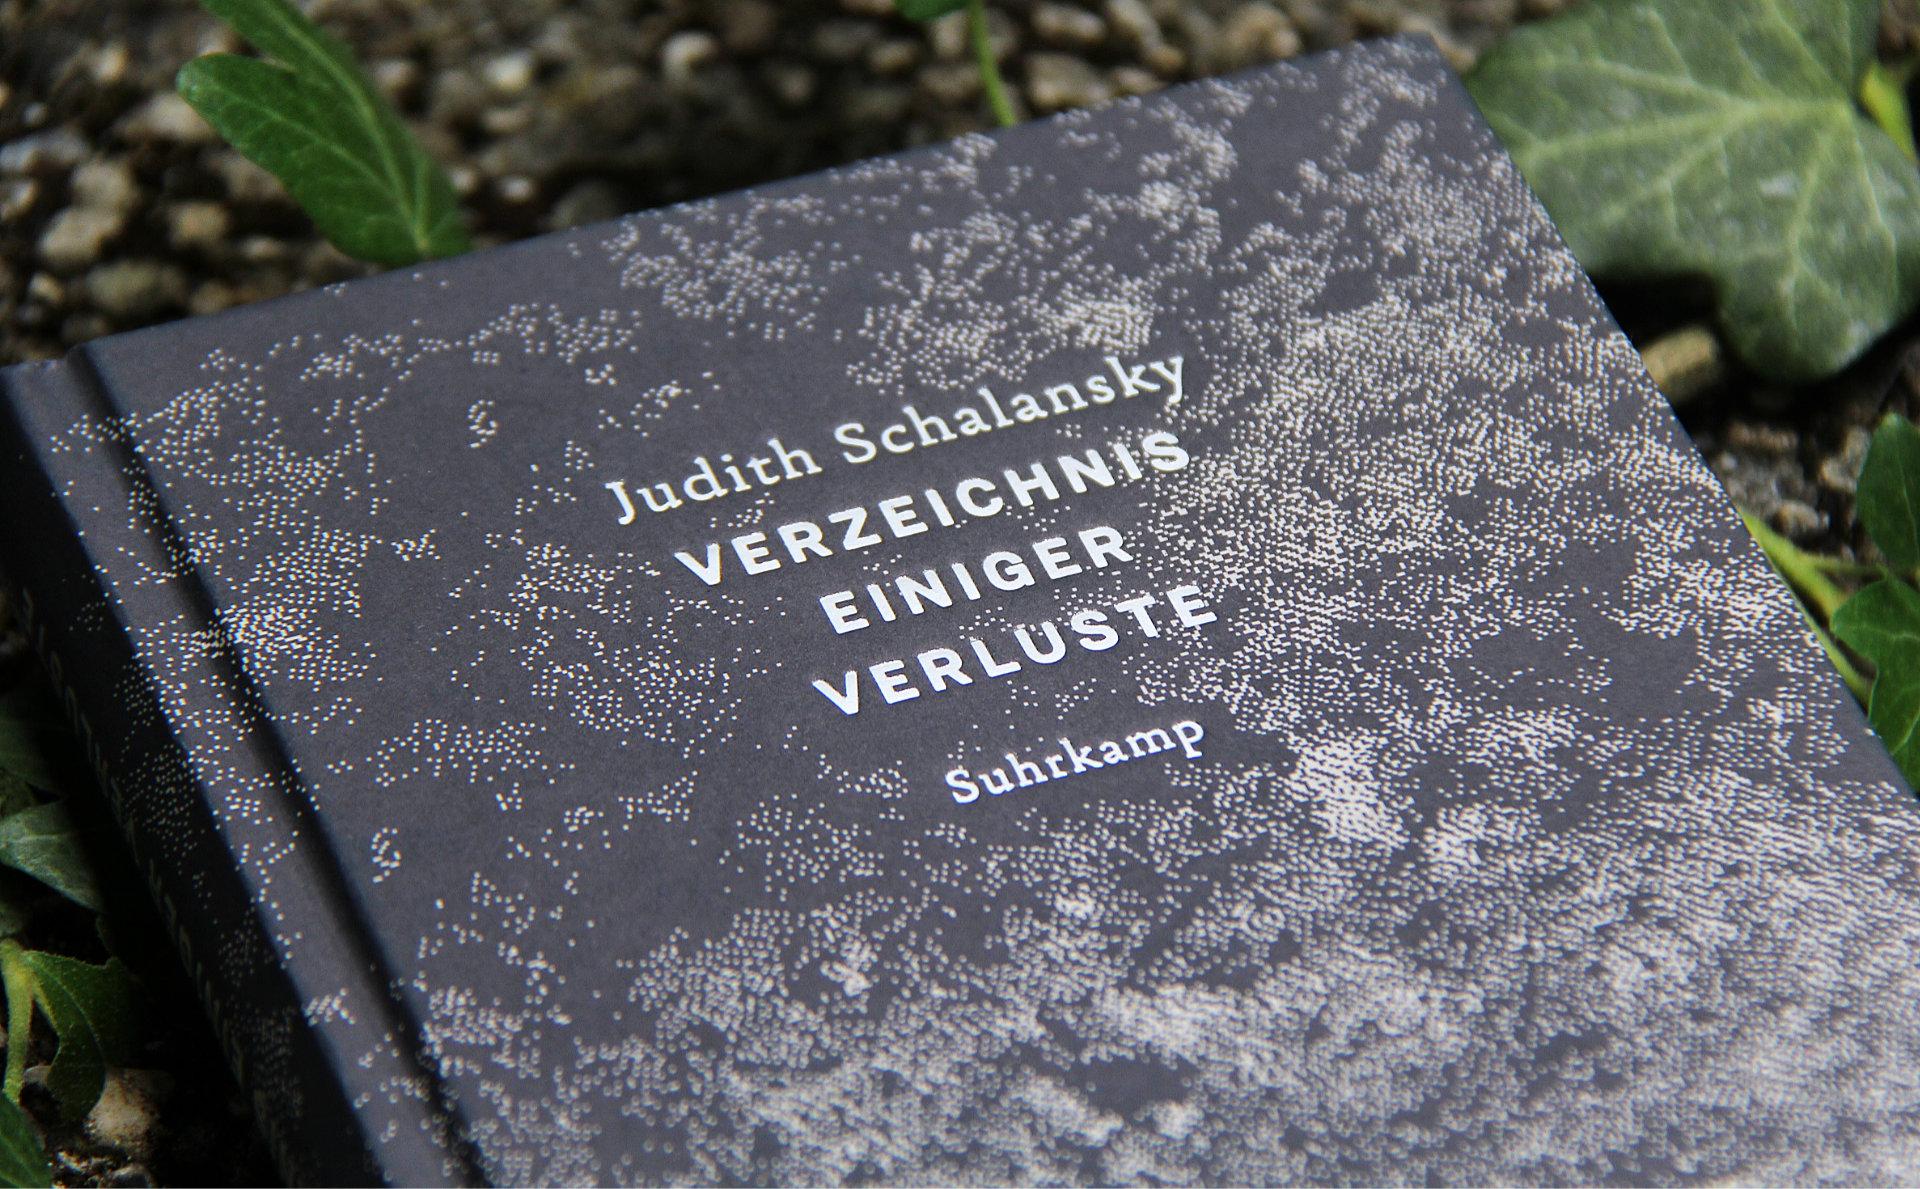 Verzeichnis einiger Verluste • Judith Schalansky